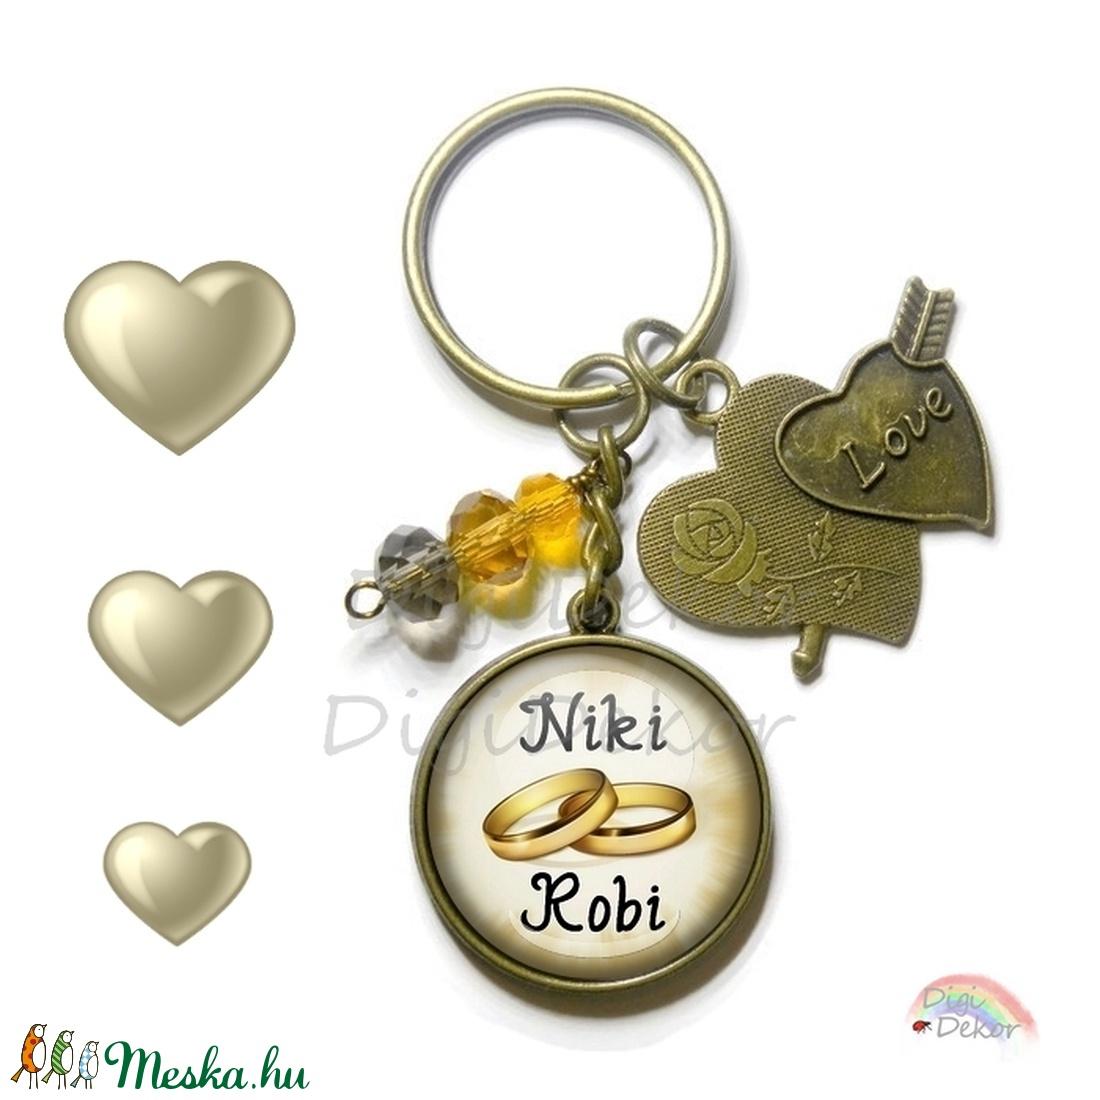 Egyedi kulcstartó, névre szóló eljegyzési ajándék, karikagyűrűs kulcstartó, ajándék szerelmeseknek (DigiBugs) - Meska.hu